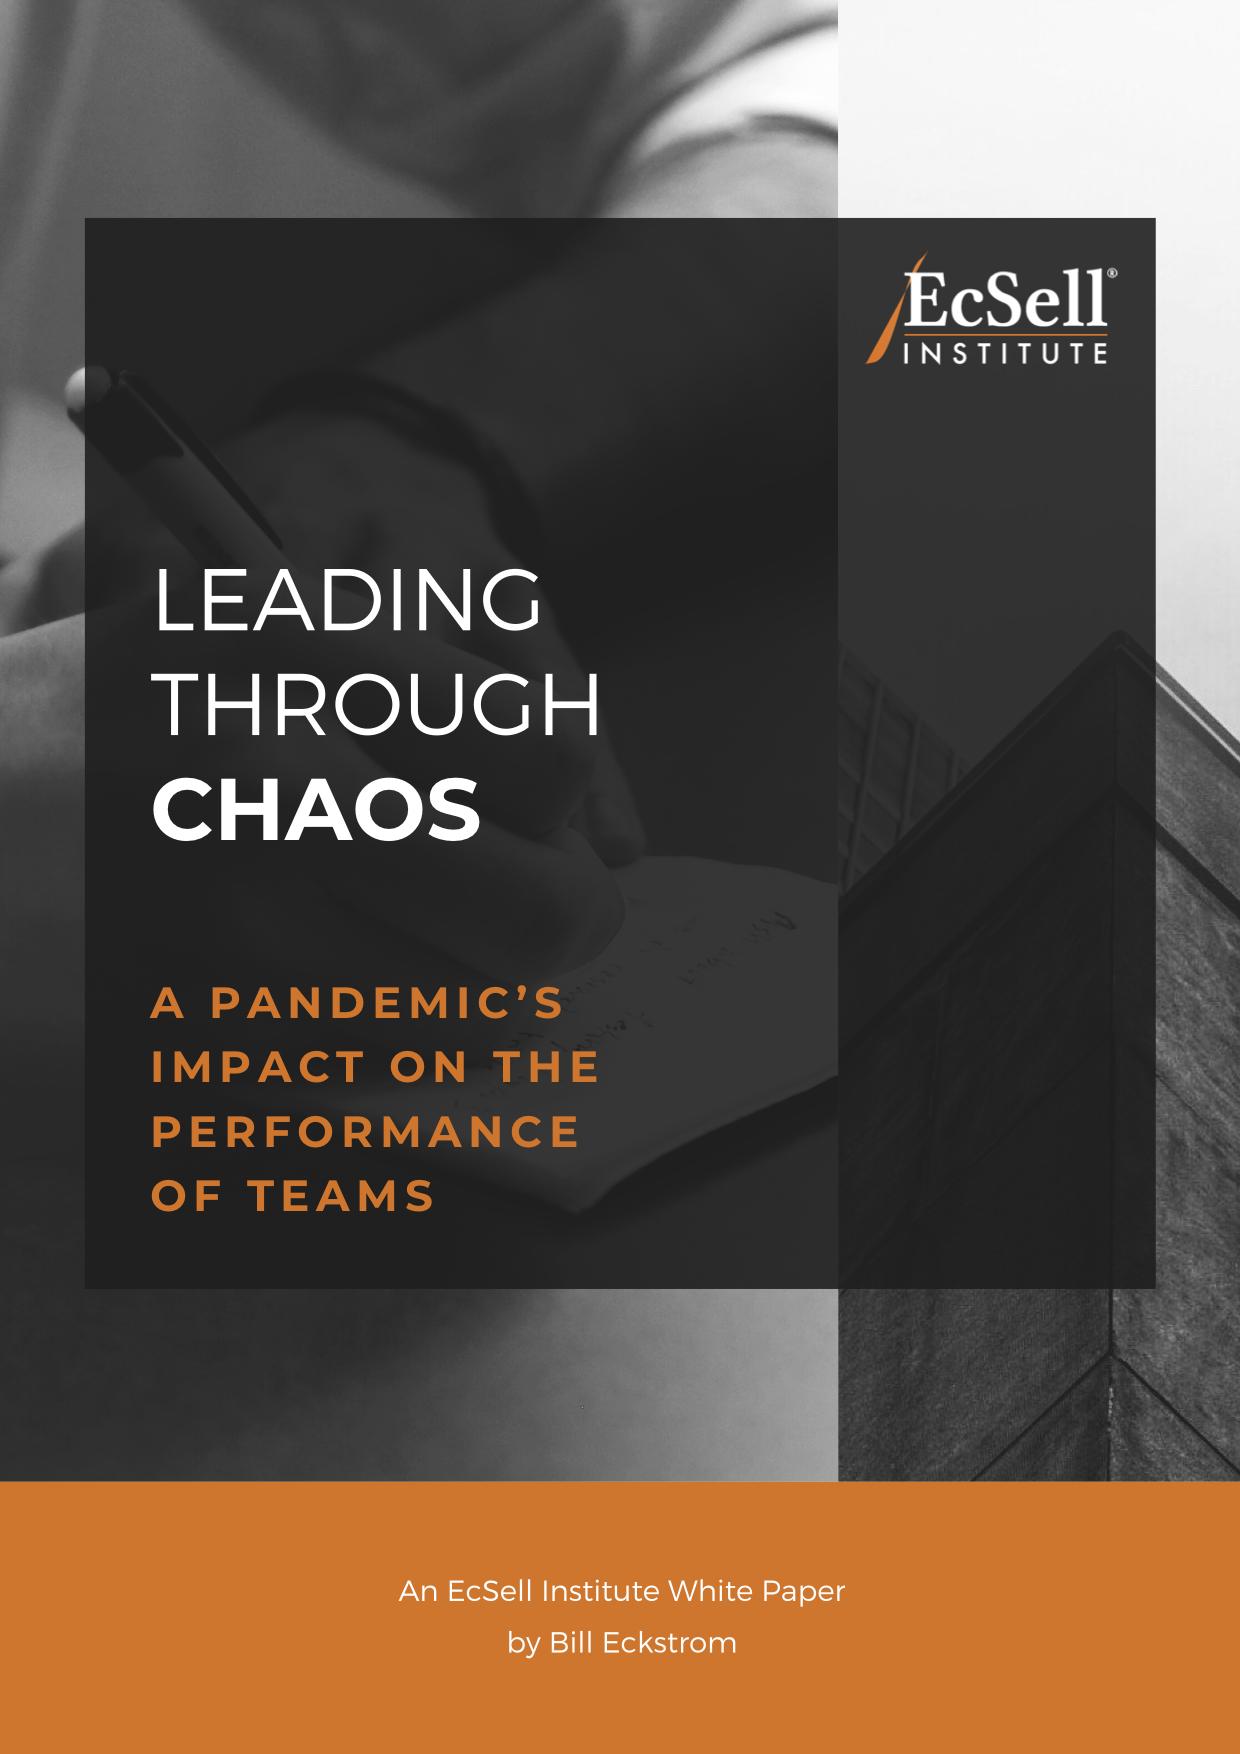 Leading Through Chaos White Paper